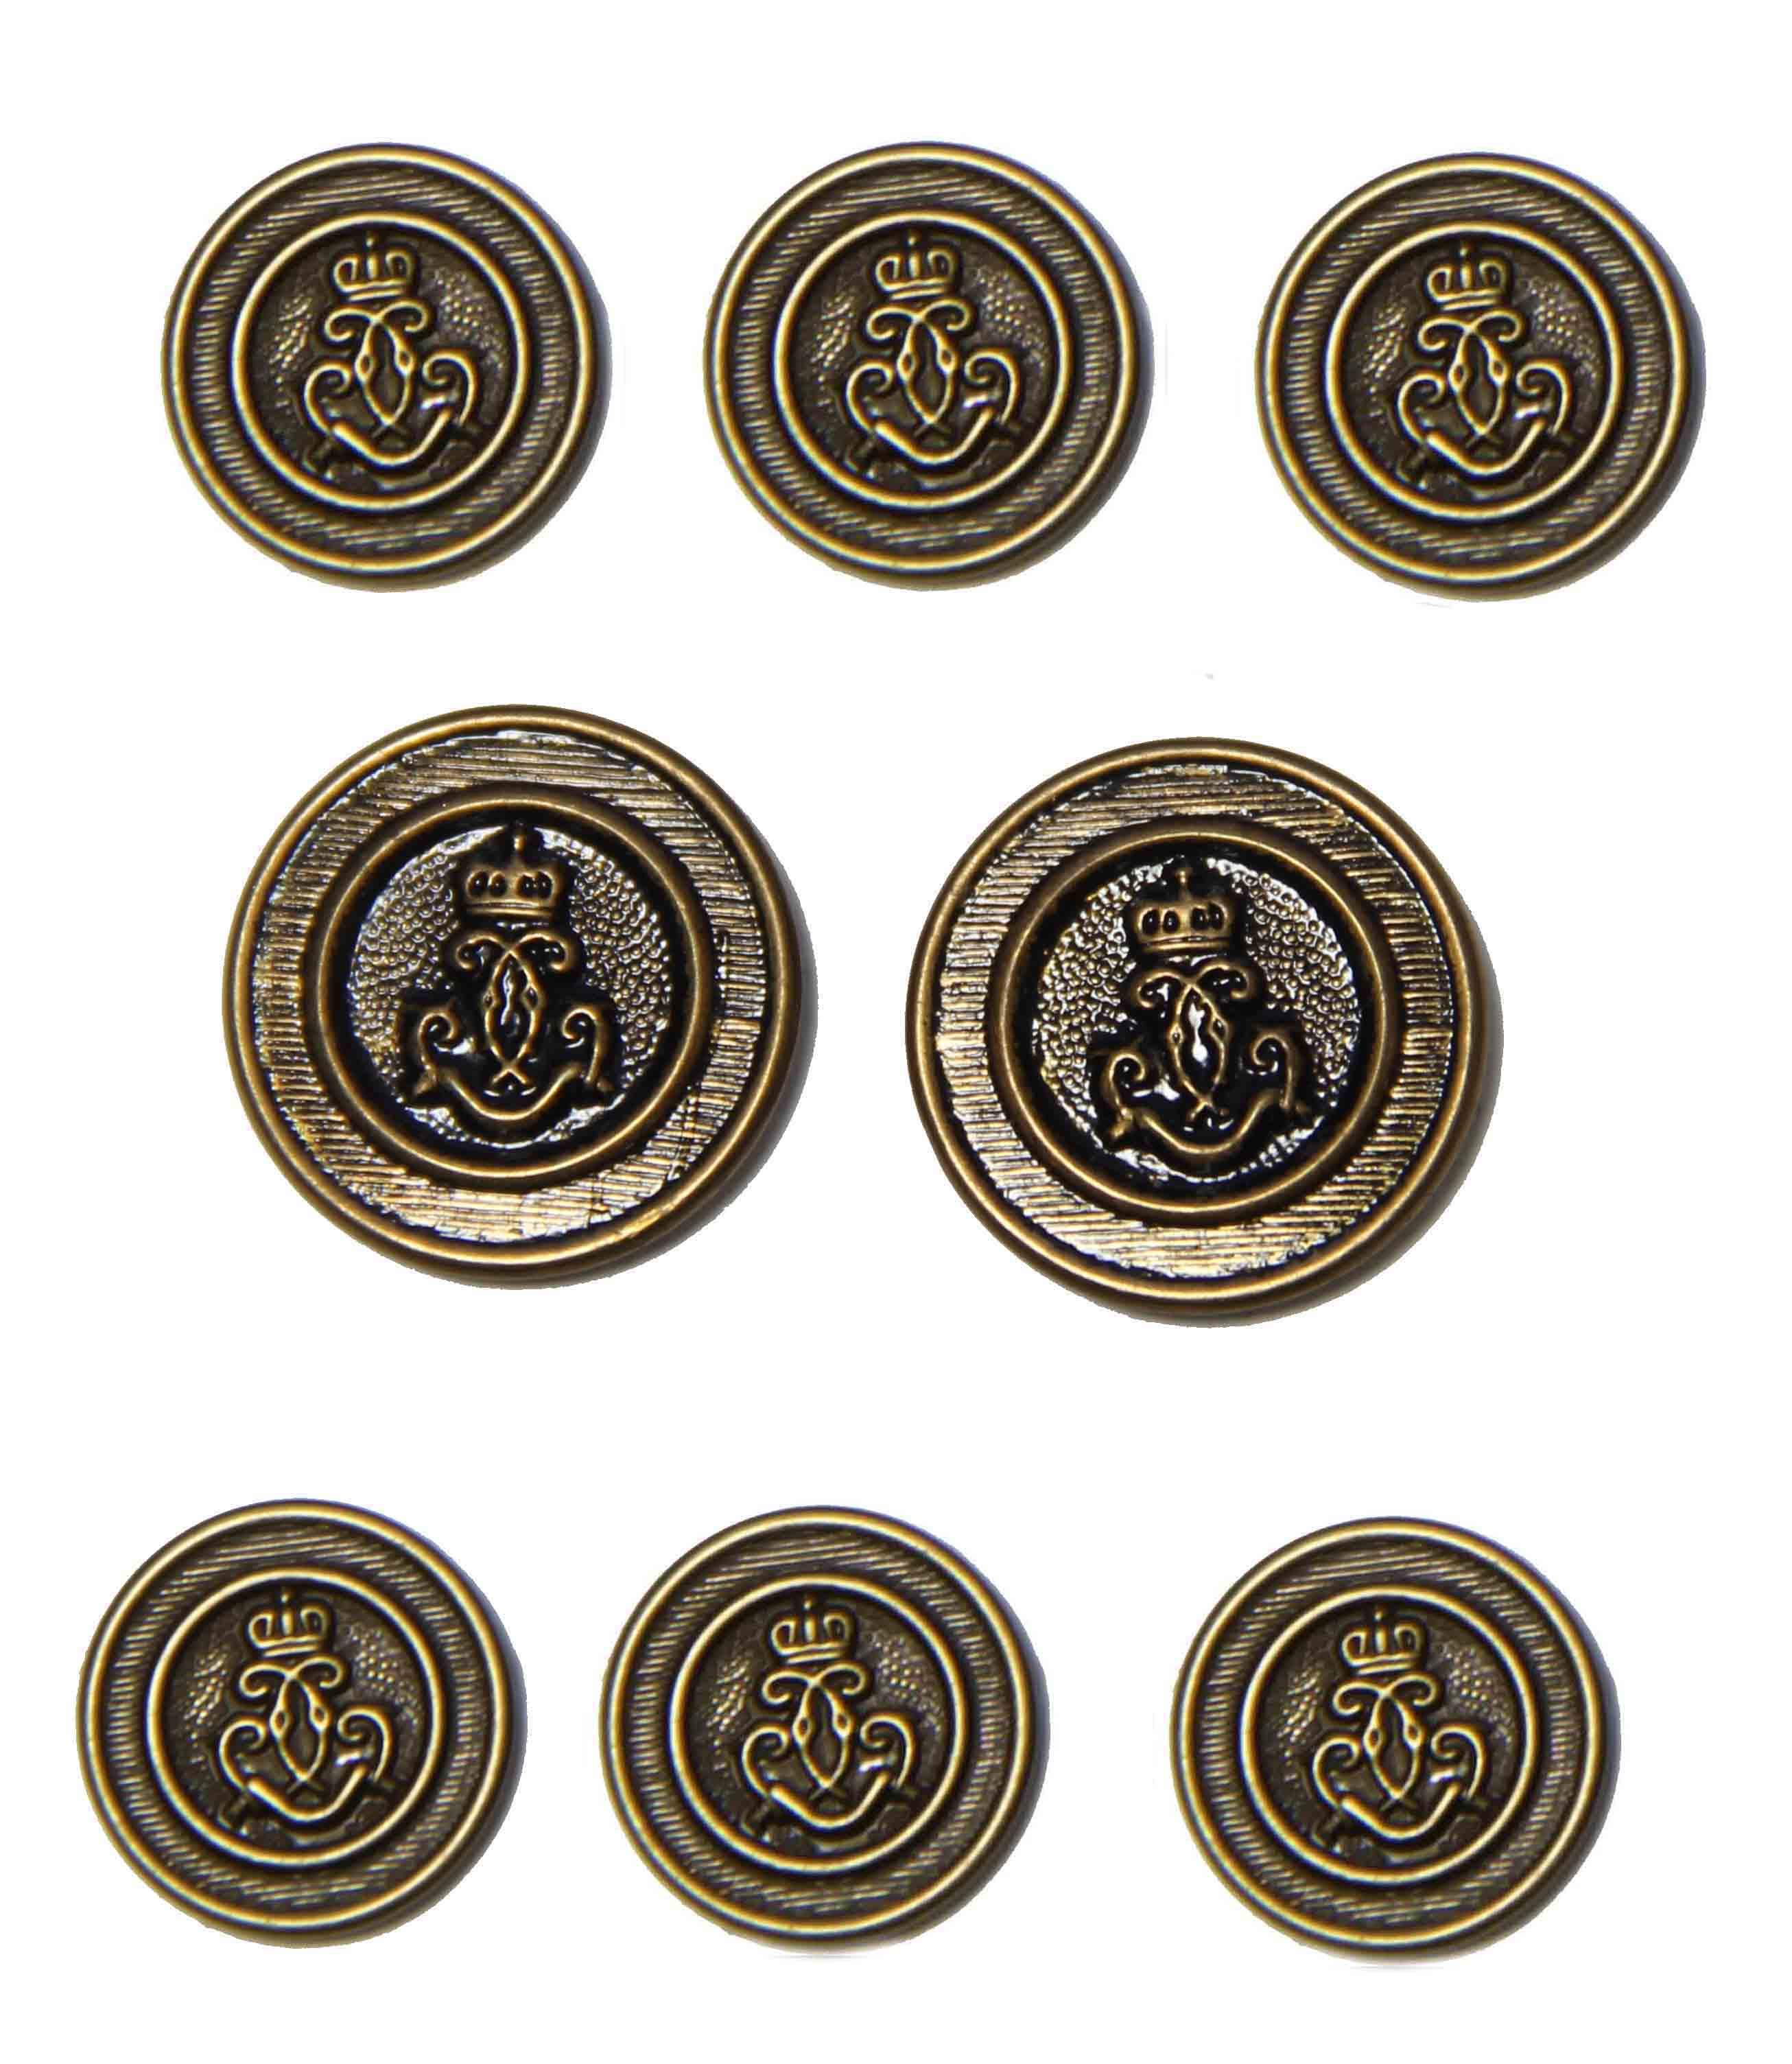 Vintage Haggar Blazer Buttons Set Antique Gold Brown Brass Shank 1970s Men's